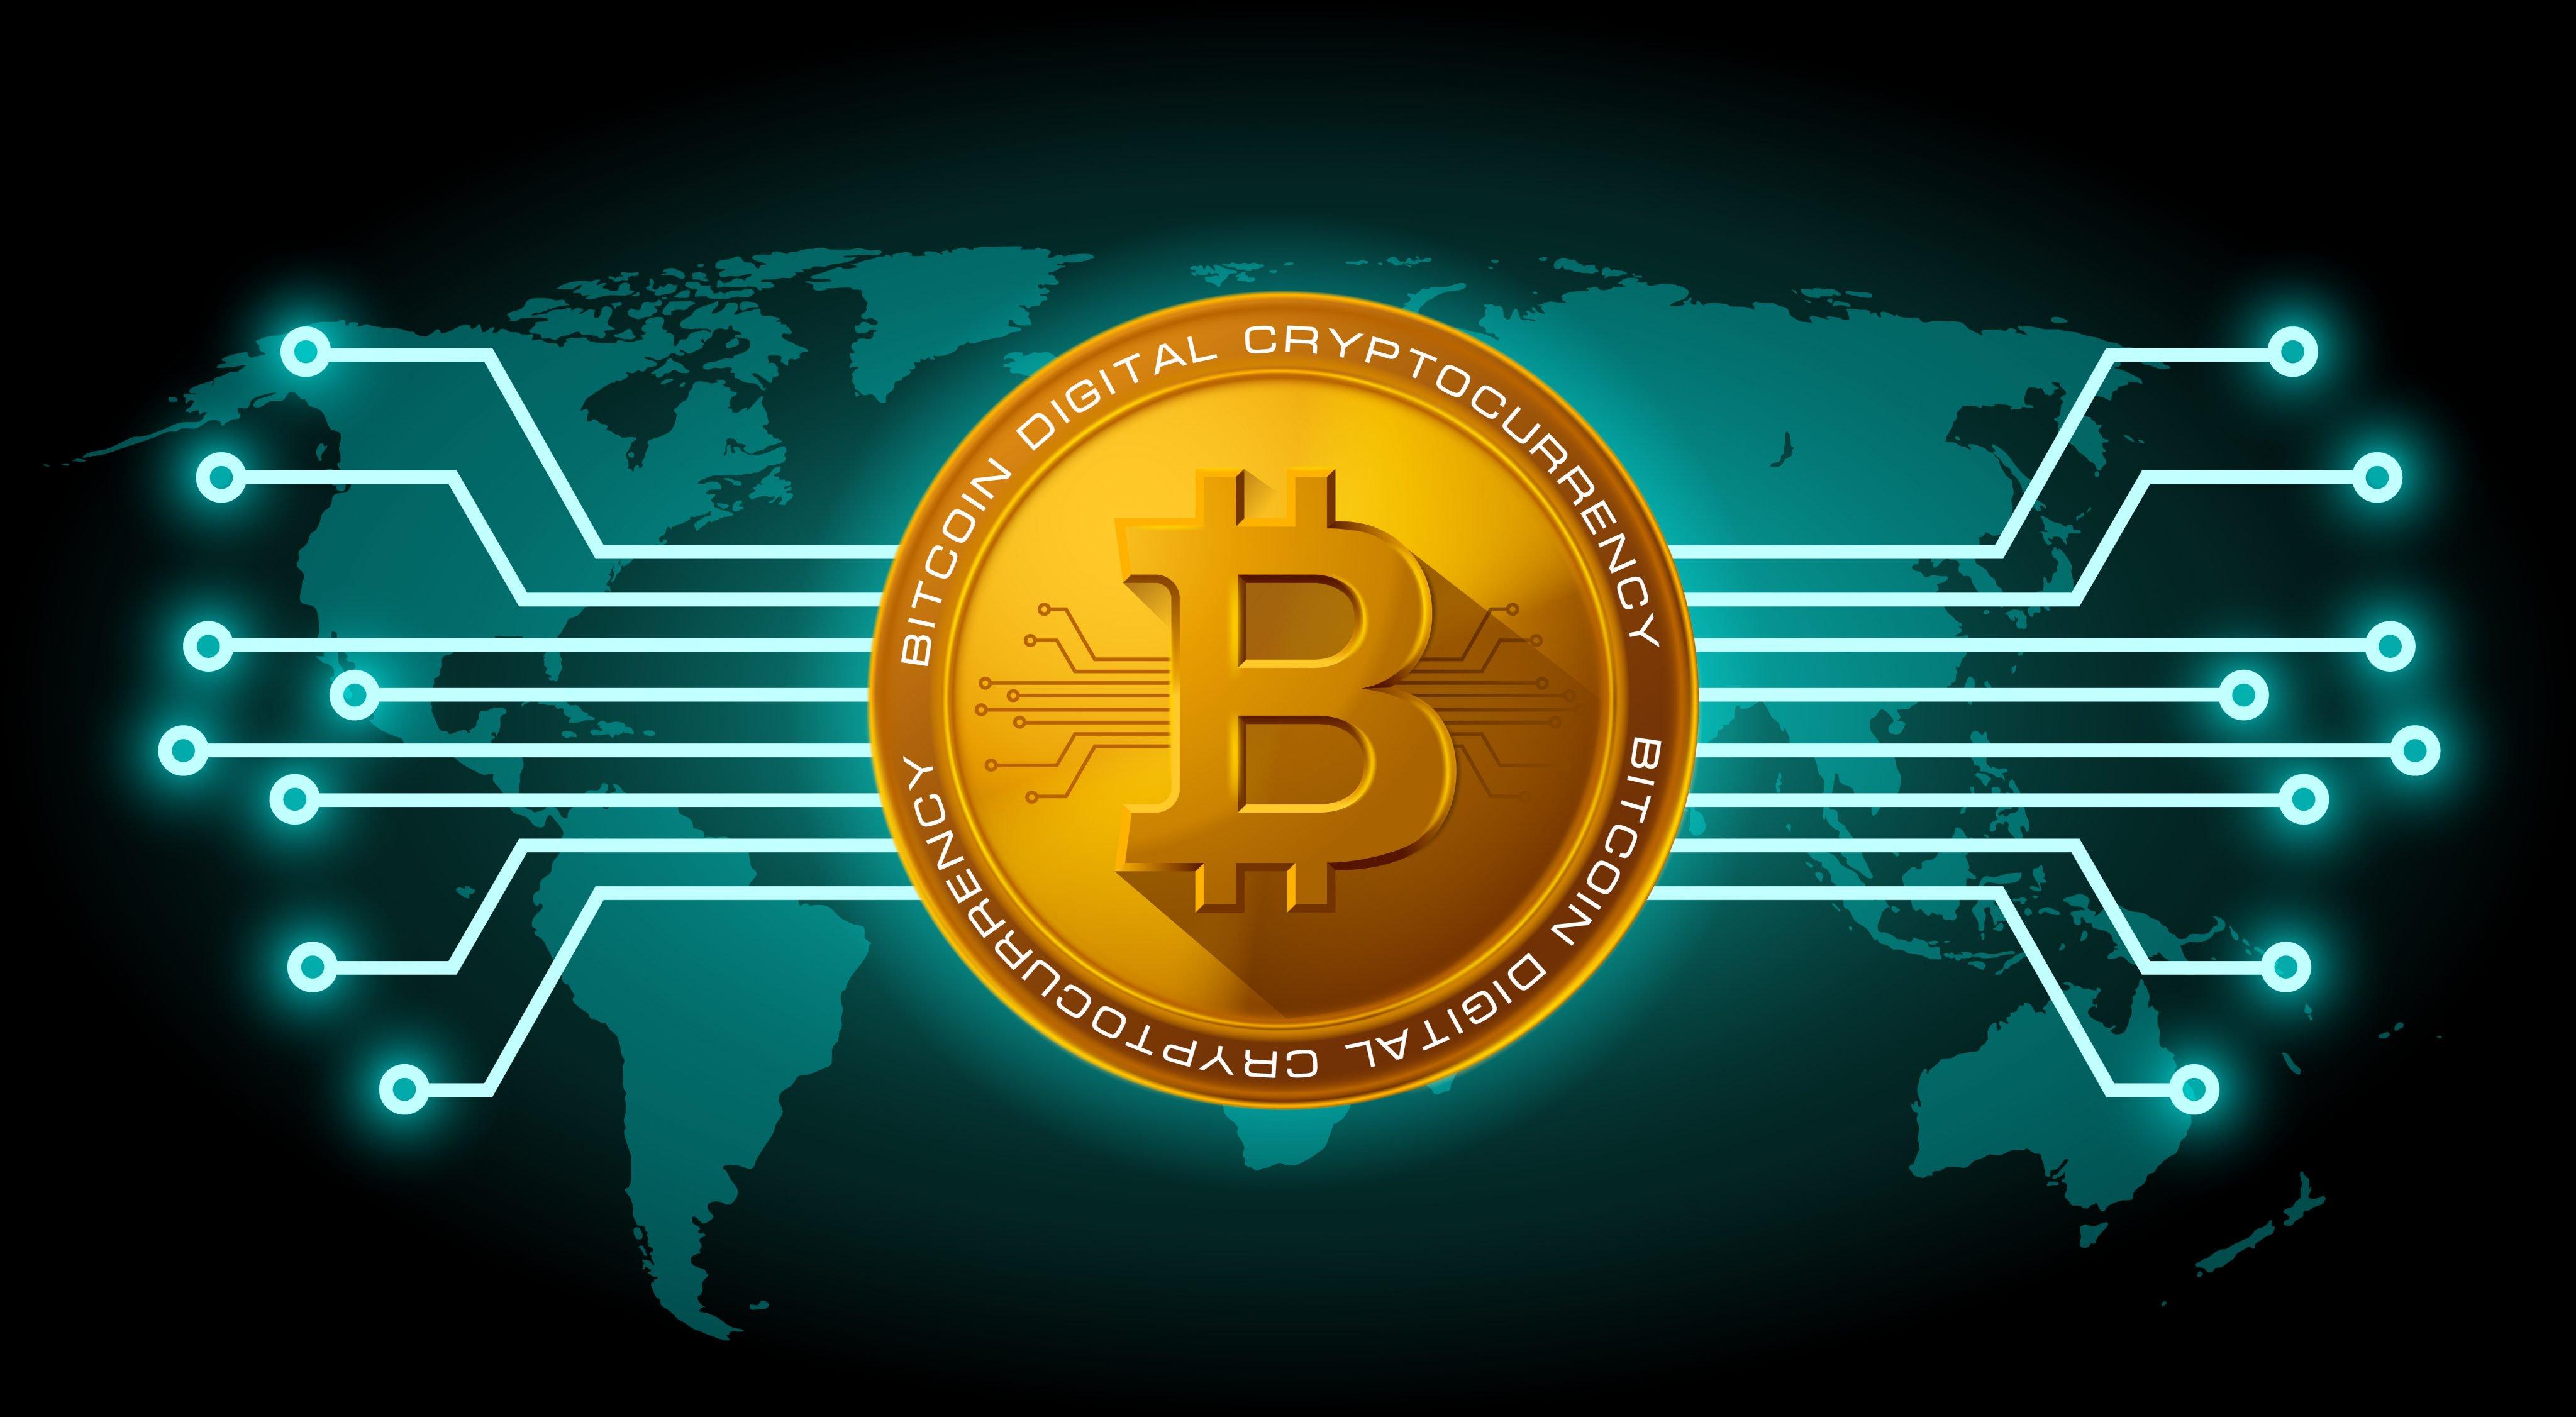 bitcoin - Tecnologia e società. La proprietà sta diventando un concetto obsoleto in tutti gli ambiti. Da proprietari a meri utilizzatori senza accorgercene